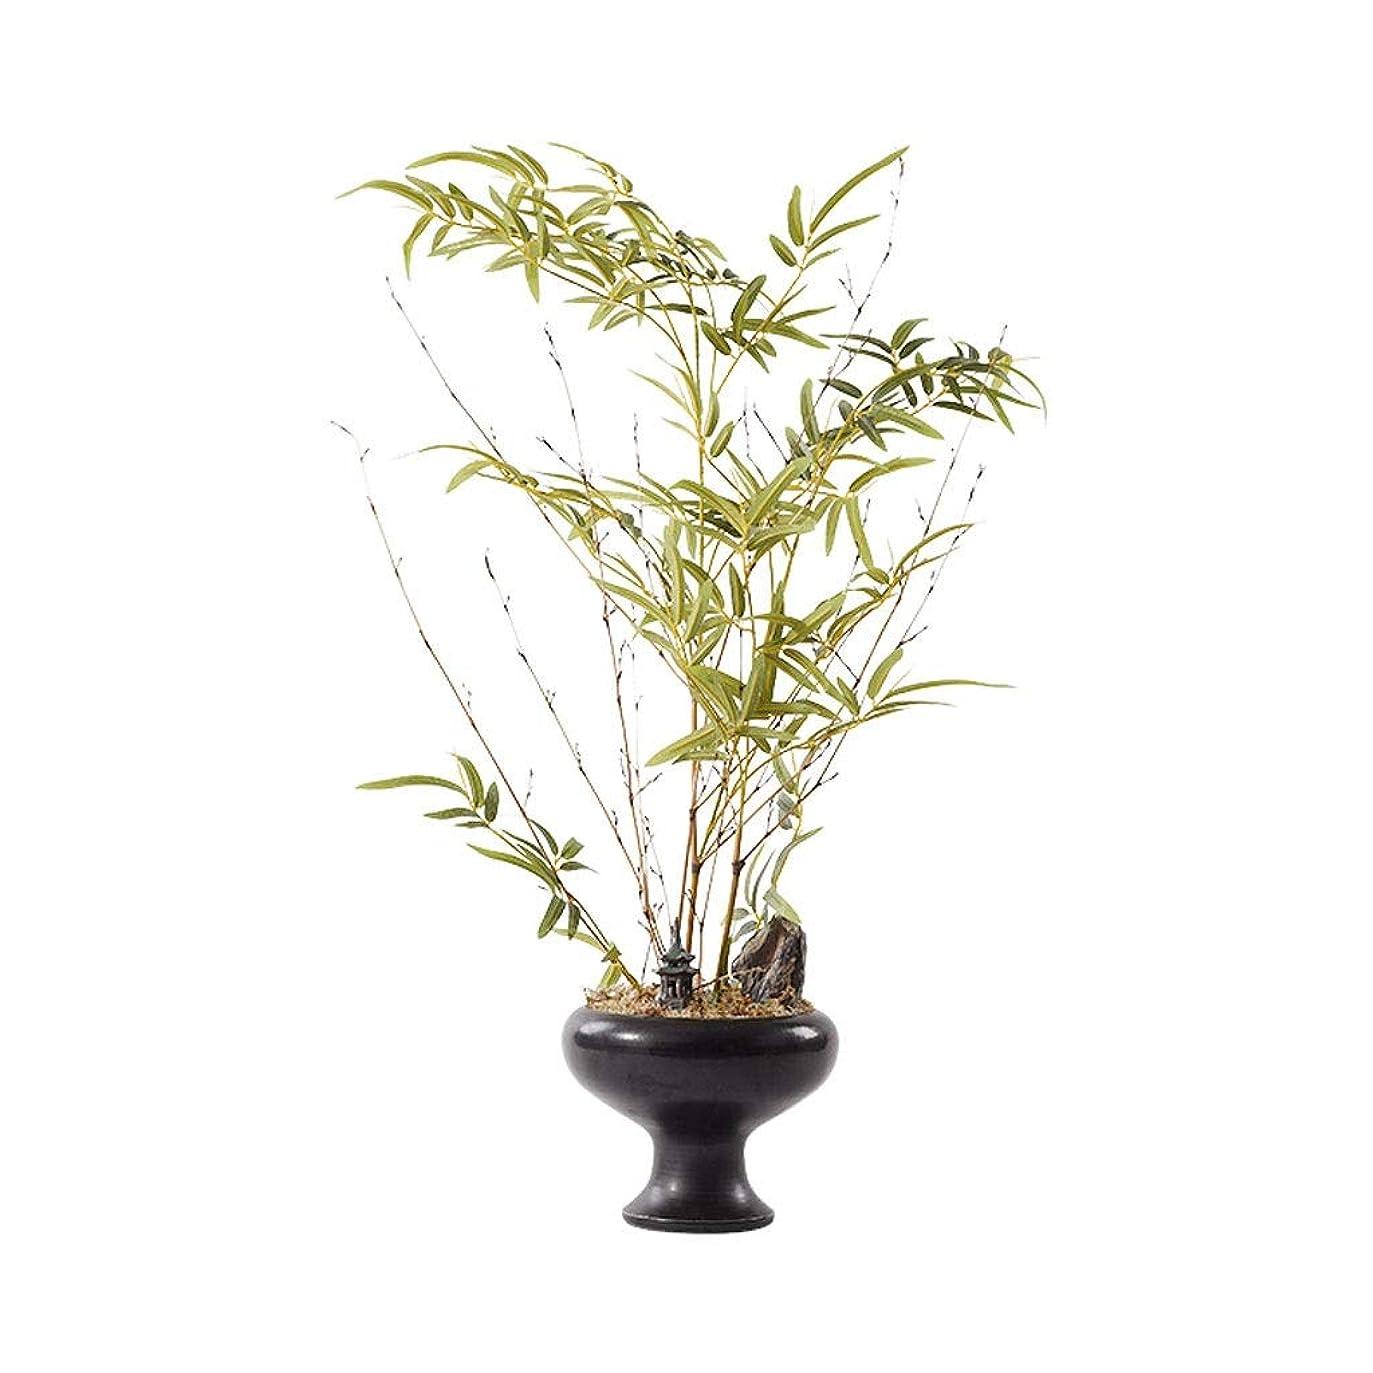 やろう叫び声アジテーション人工植物 中国の禅人工緑の植物、ポーチアイルソフトデコレーション和風シミュレーション工場、Wenzhu人工盆栽飾りの人工ツリー 人工木